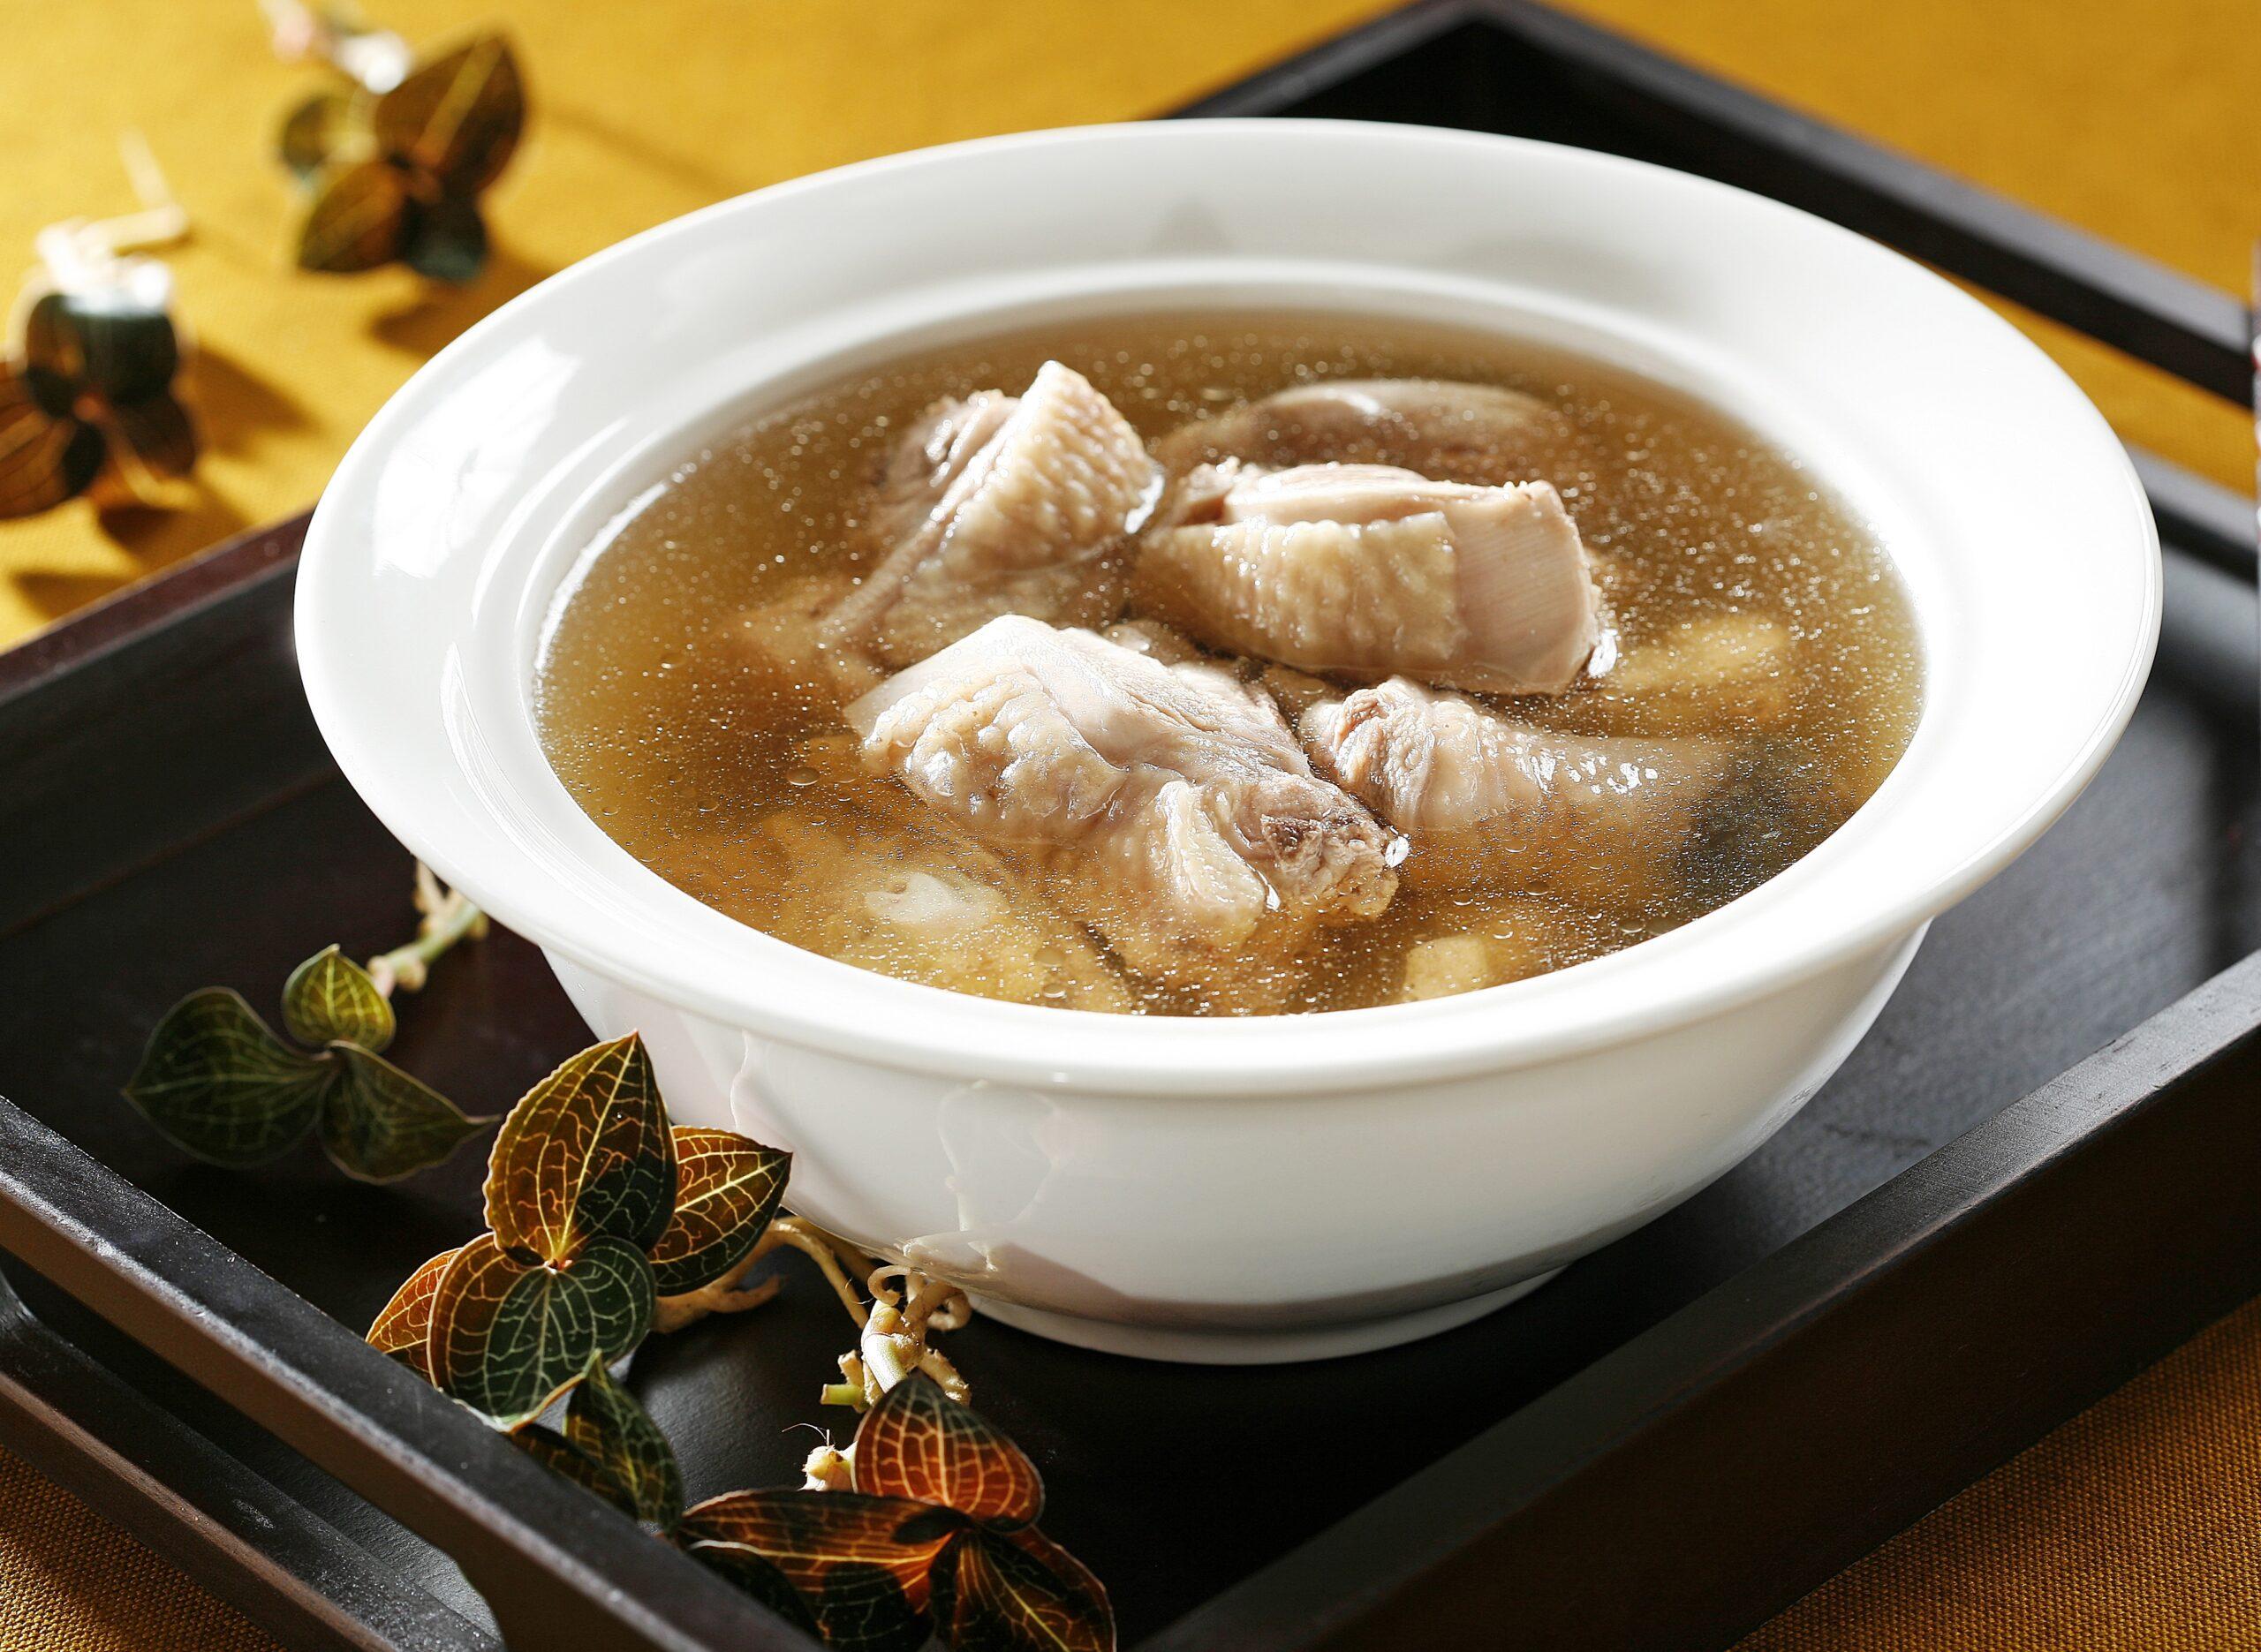 鮮品金線蓮雞湯